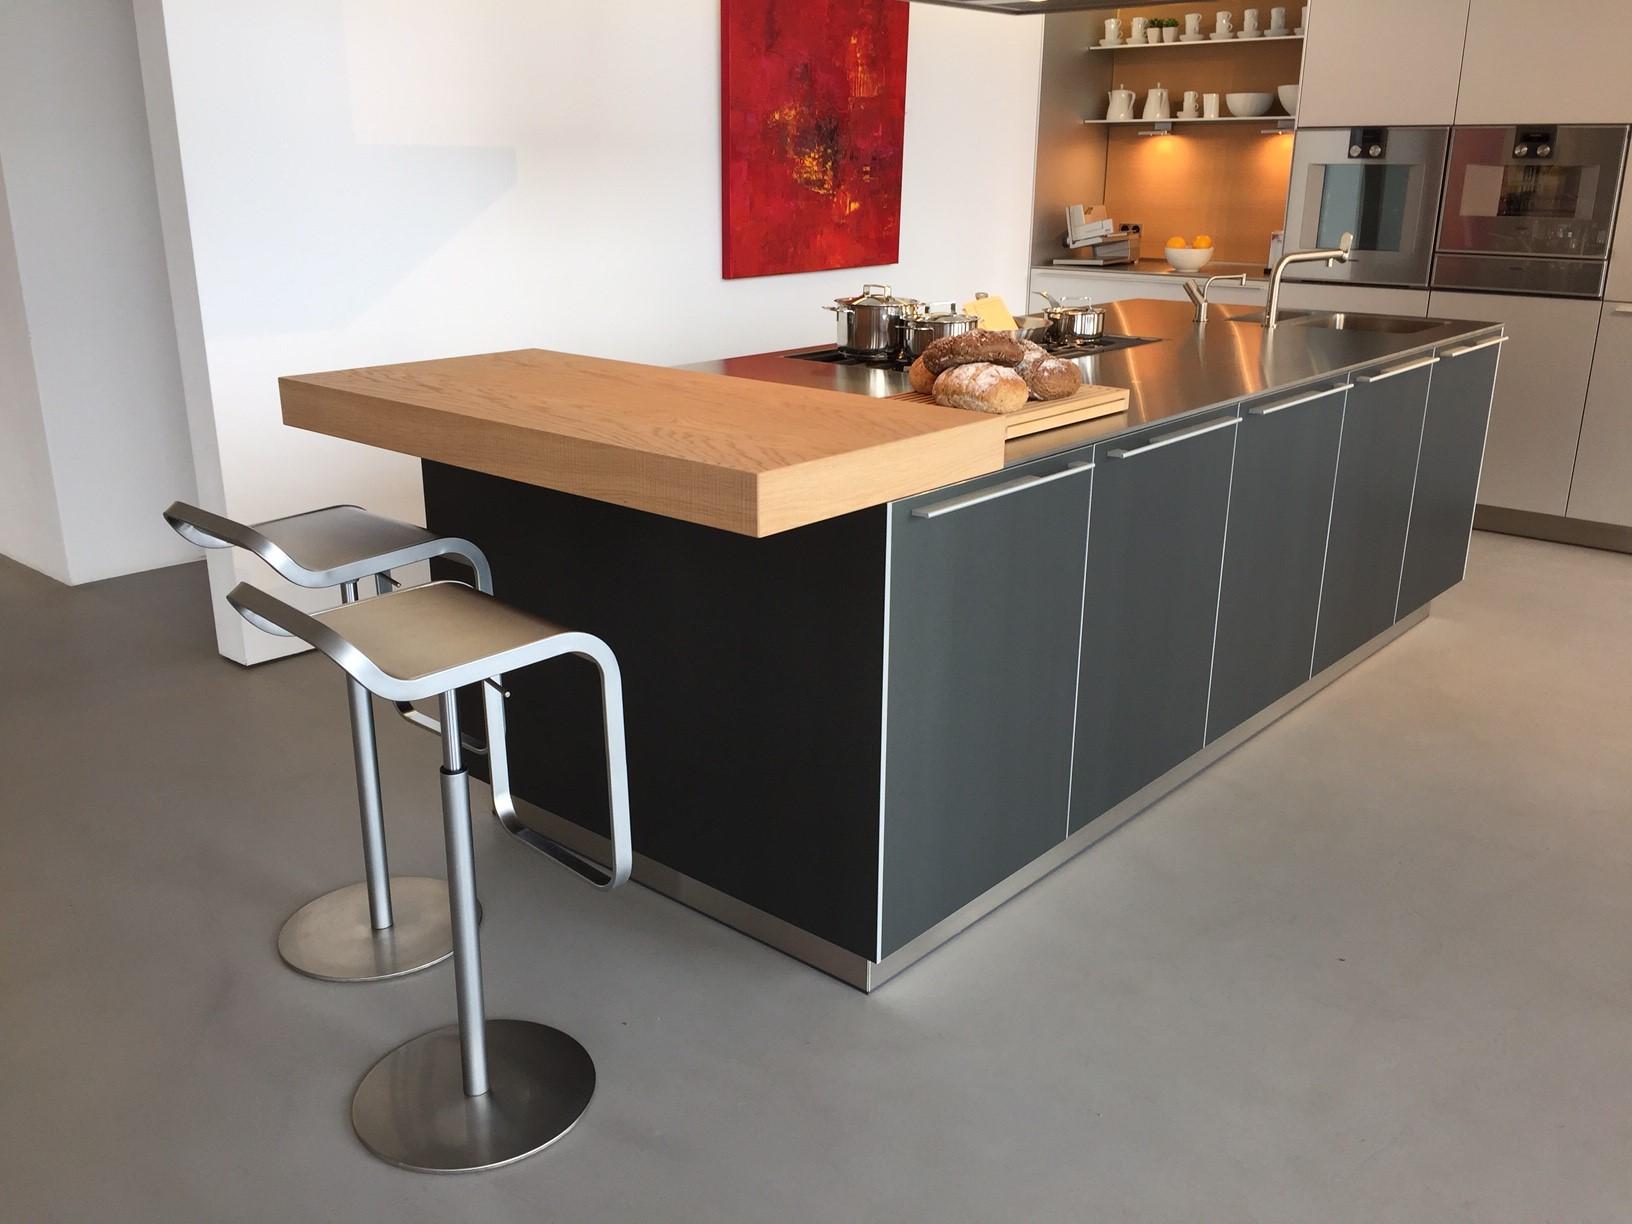 Cottage stijl keukens keuken ontwerpen online motorcycle review and galleries - Keuken ontwerpen ...